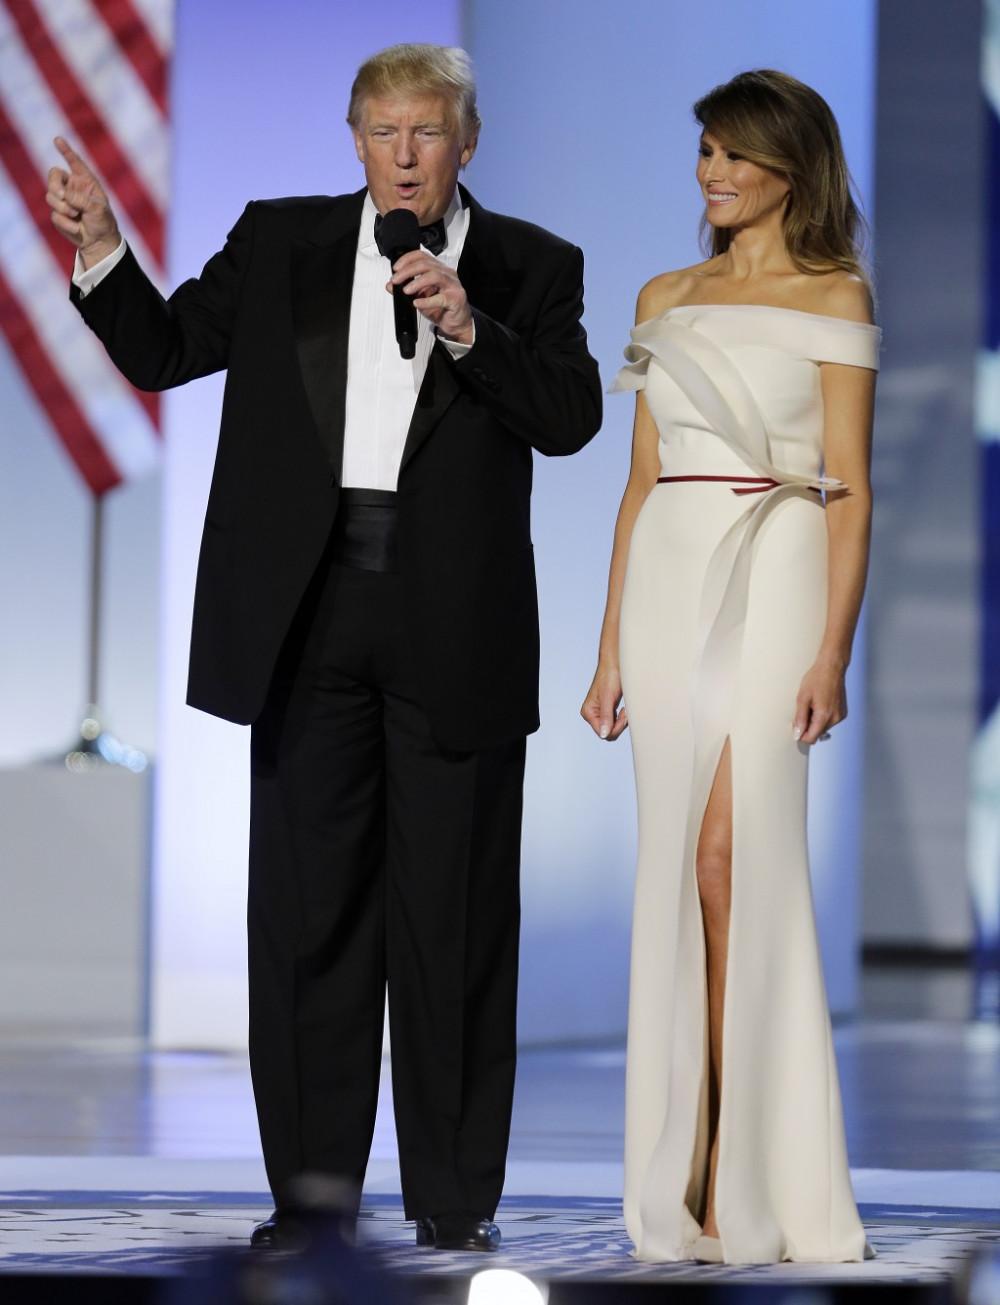 Melania Trump mặc một chiếc váy trắng do Hervé Pierre tạo ra tại Lễ hội Tự do Nhậm chức năm 2017. Ảnh: Reuters